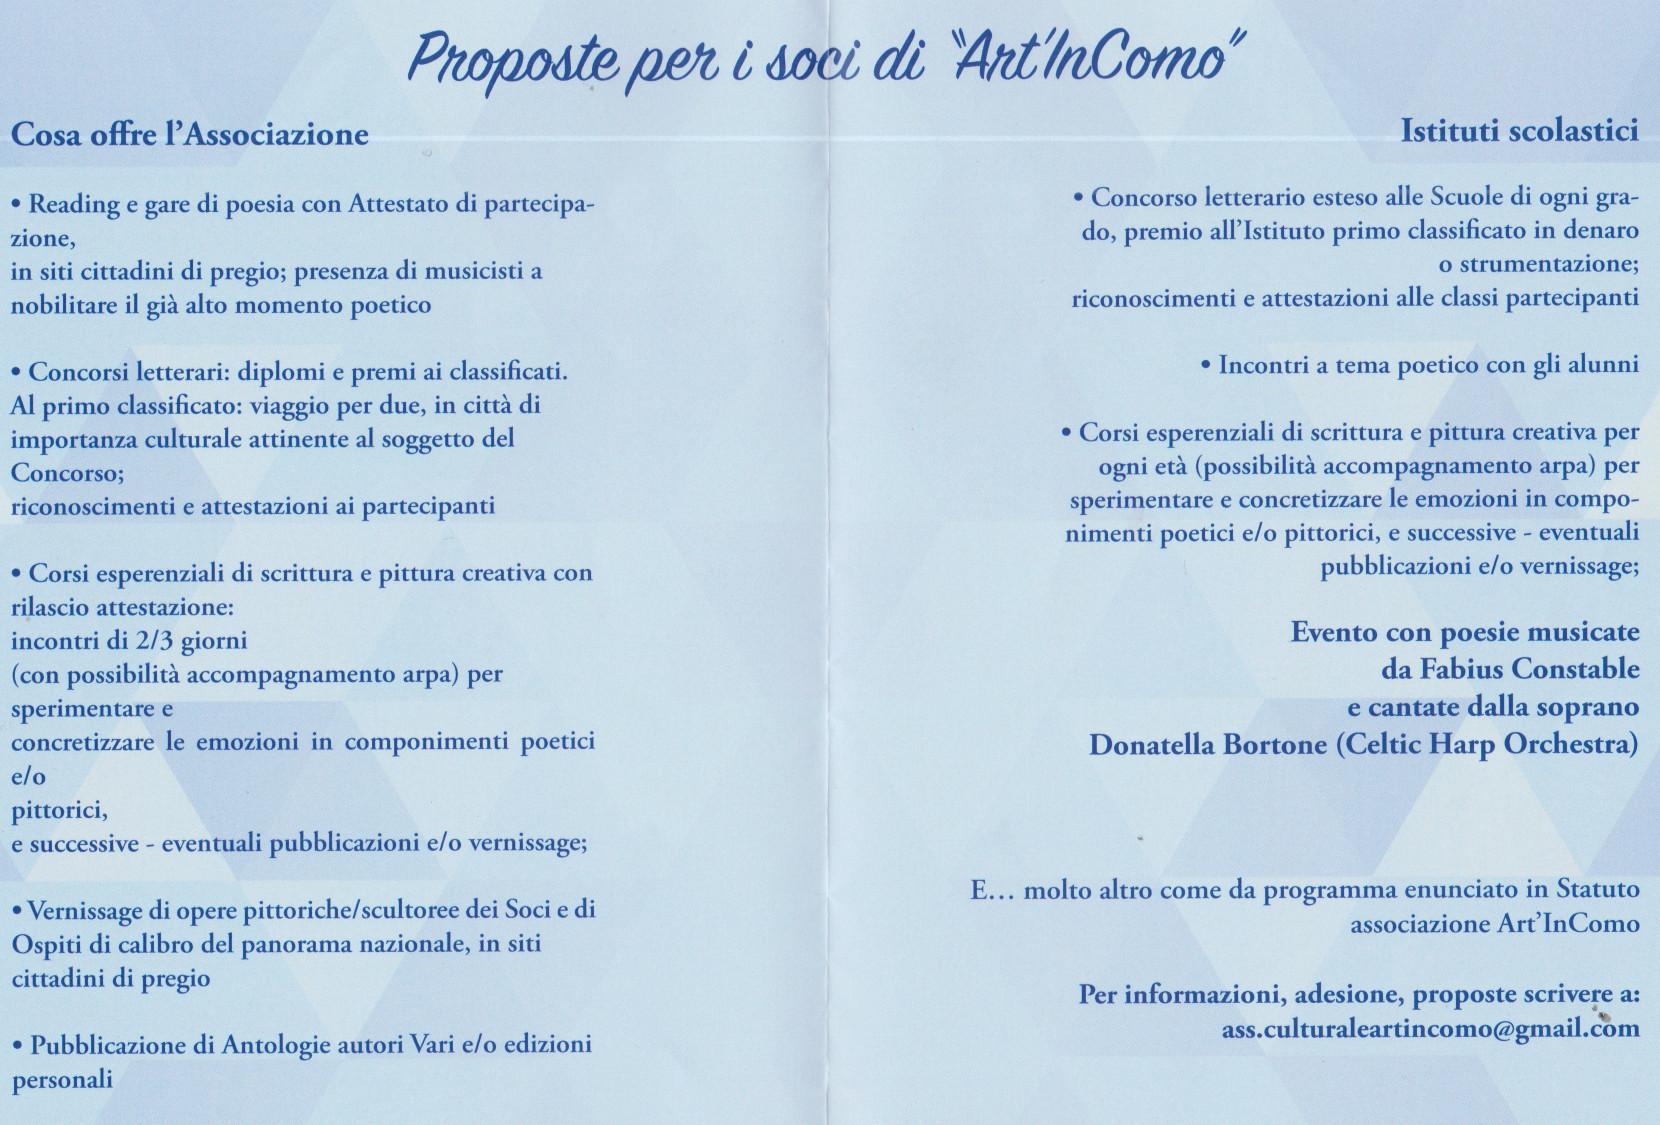 artincomo612